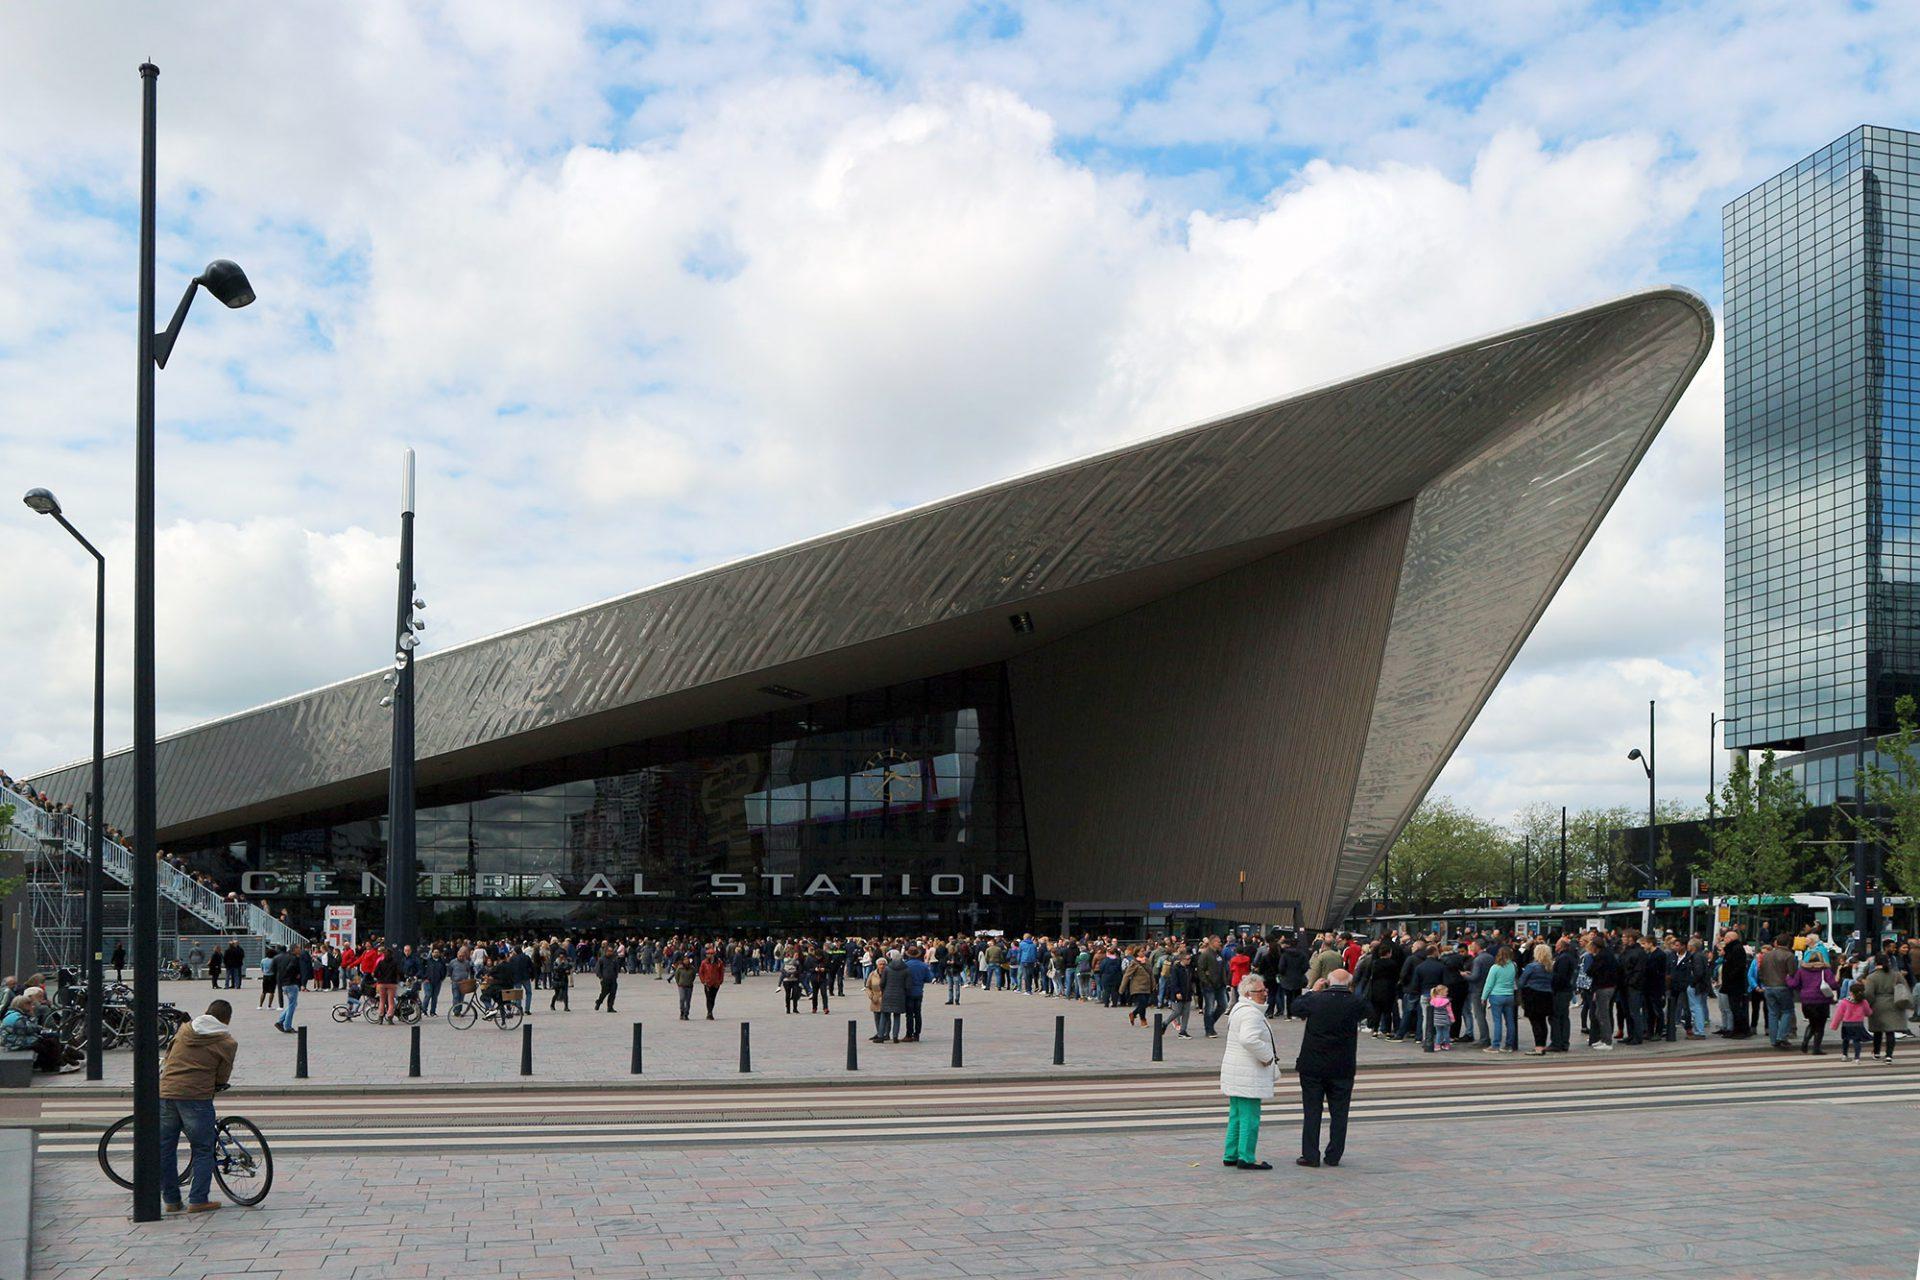 Centraal Station. Das gefaltete Dach ragt dramatisch in den Stadtraum, ordnet diesen neu. Der Platz ist heute ein beliebter Treffpunkt auch bei zugigem Wetter.